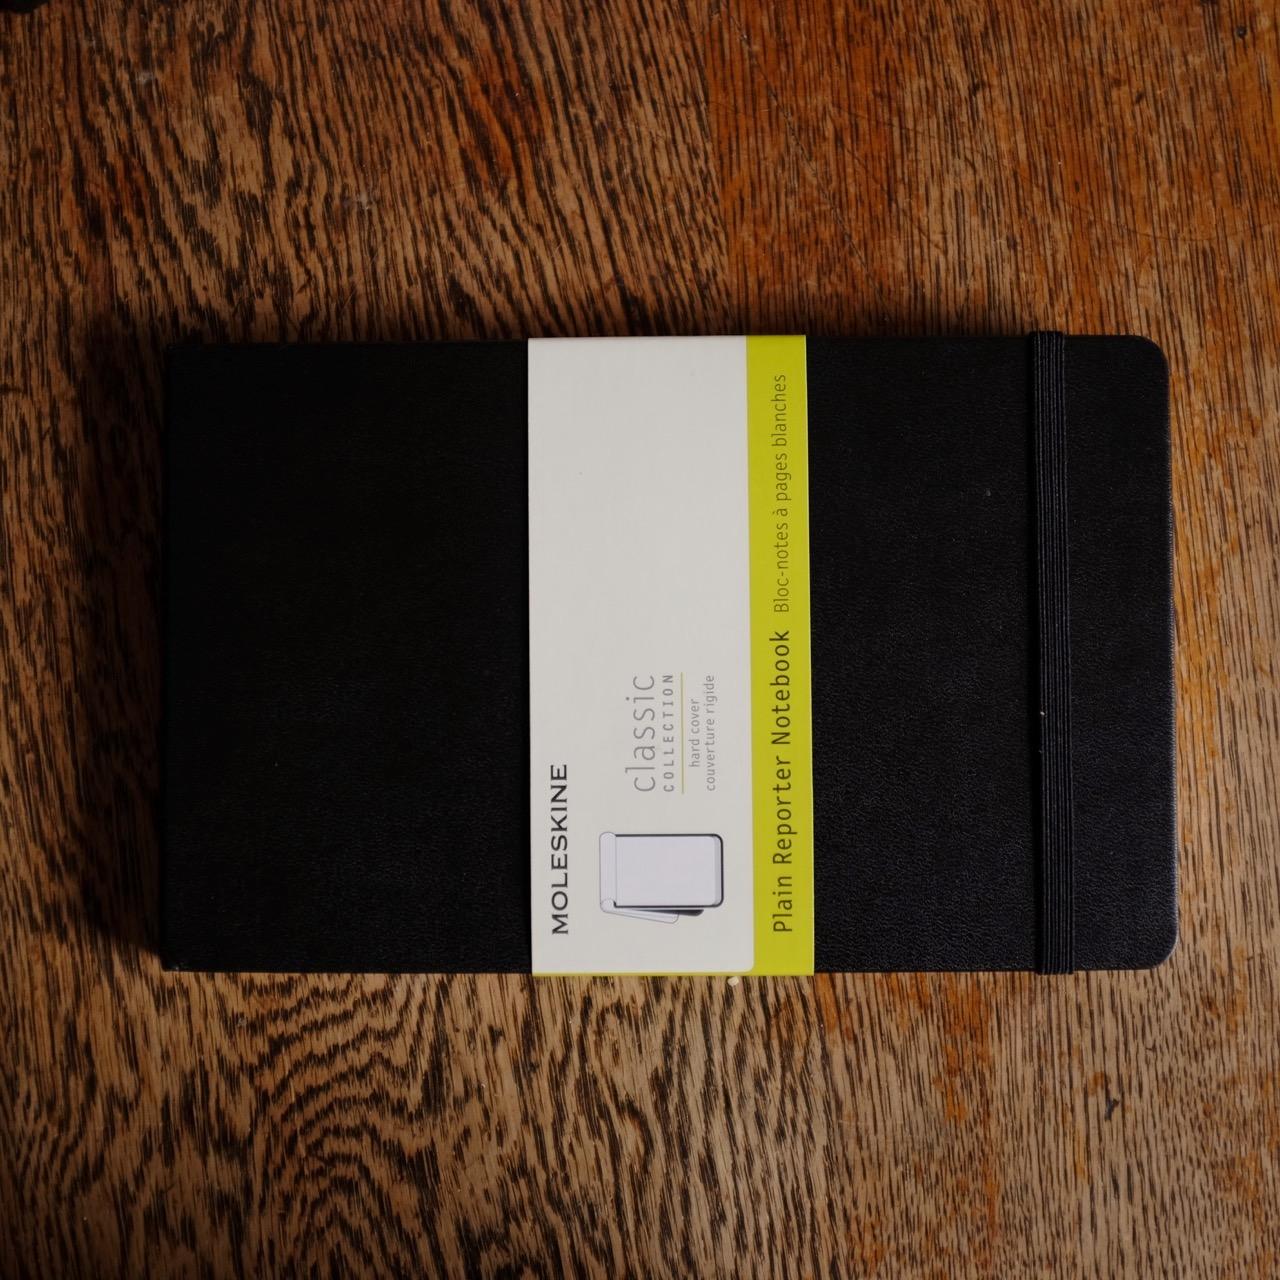 Reporter Moleskine NotebookDSCF5200.jpg